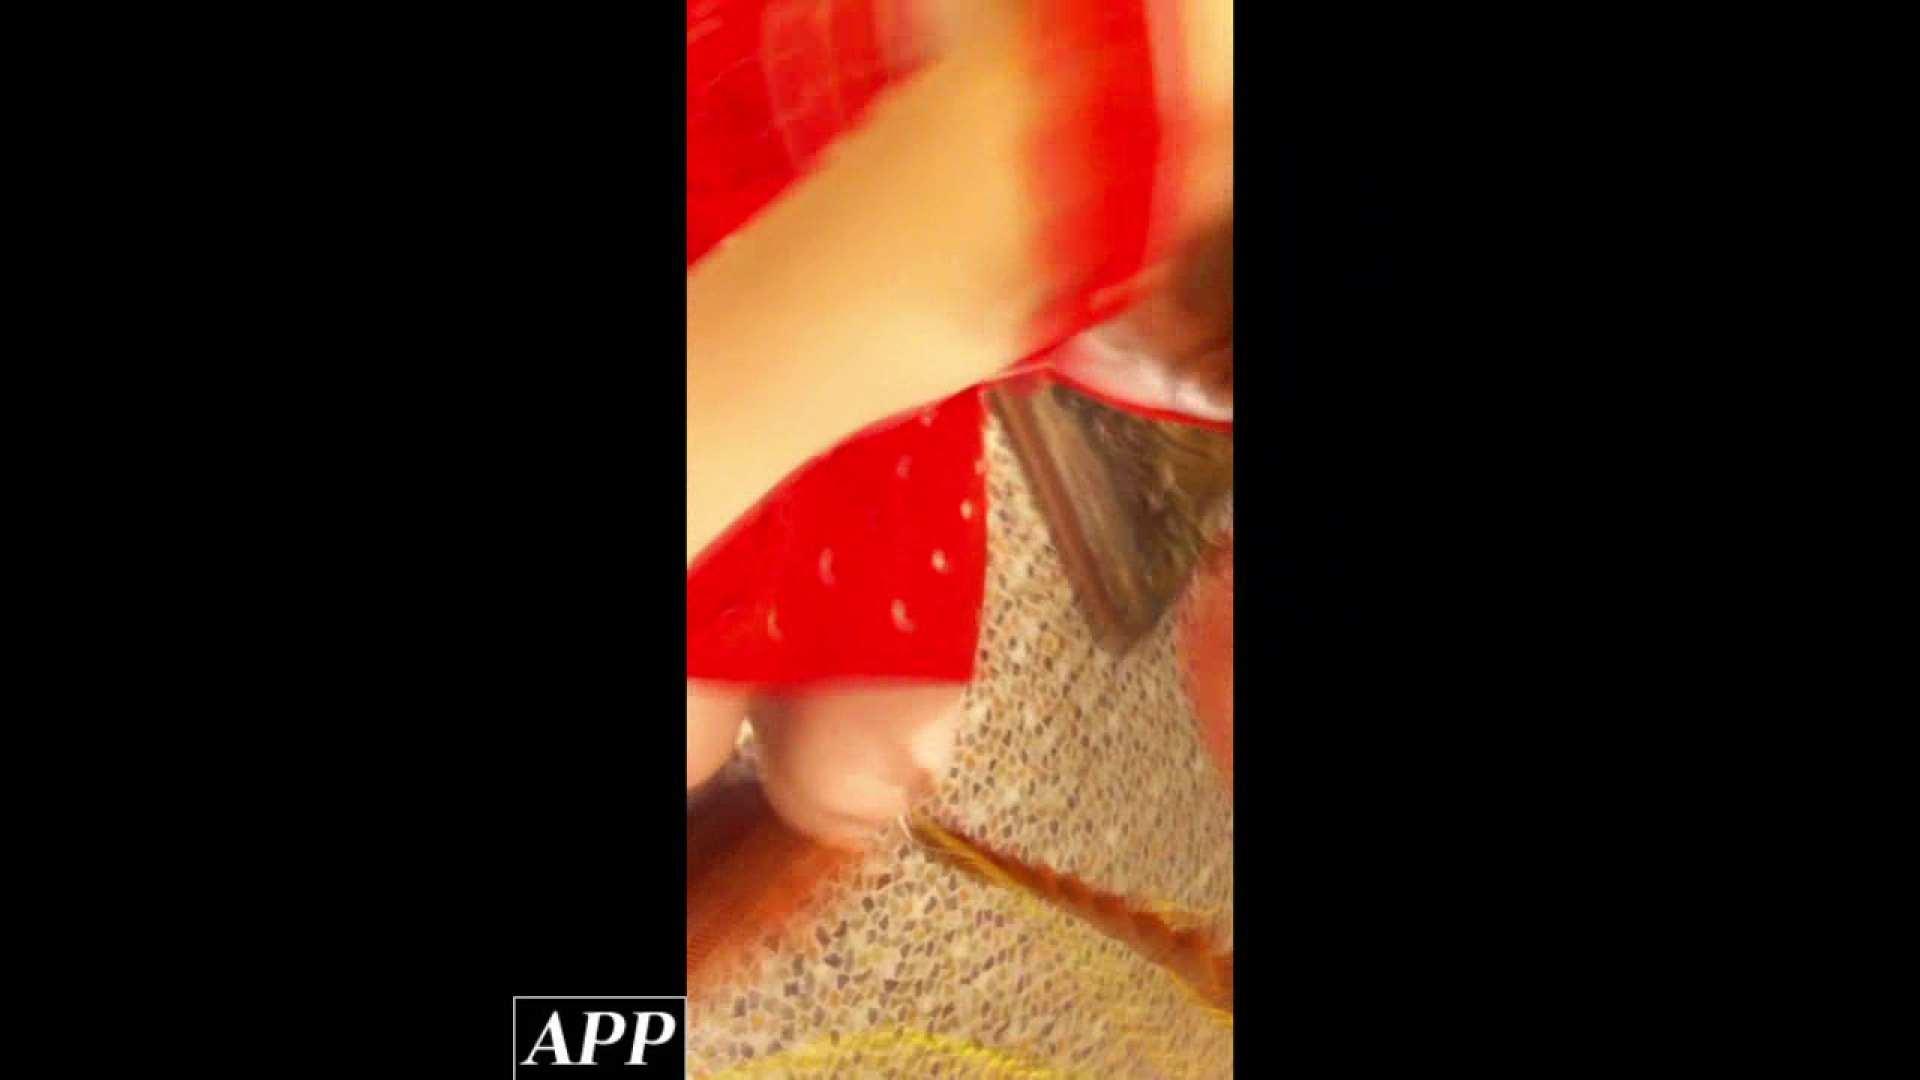 ハイビジョン盗撮!ショップ店員千人斬り!胸チラ編 vol.86 胸チラ ヌード画像 104pic 89